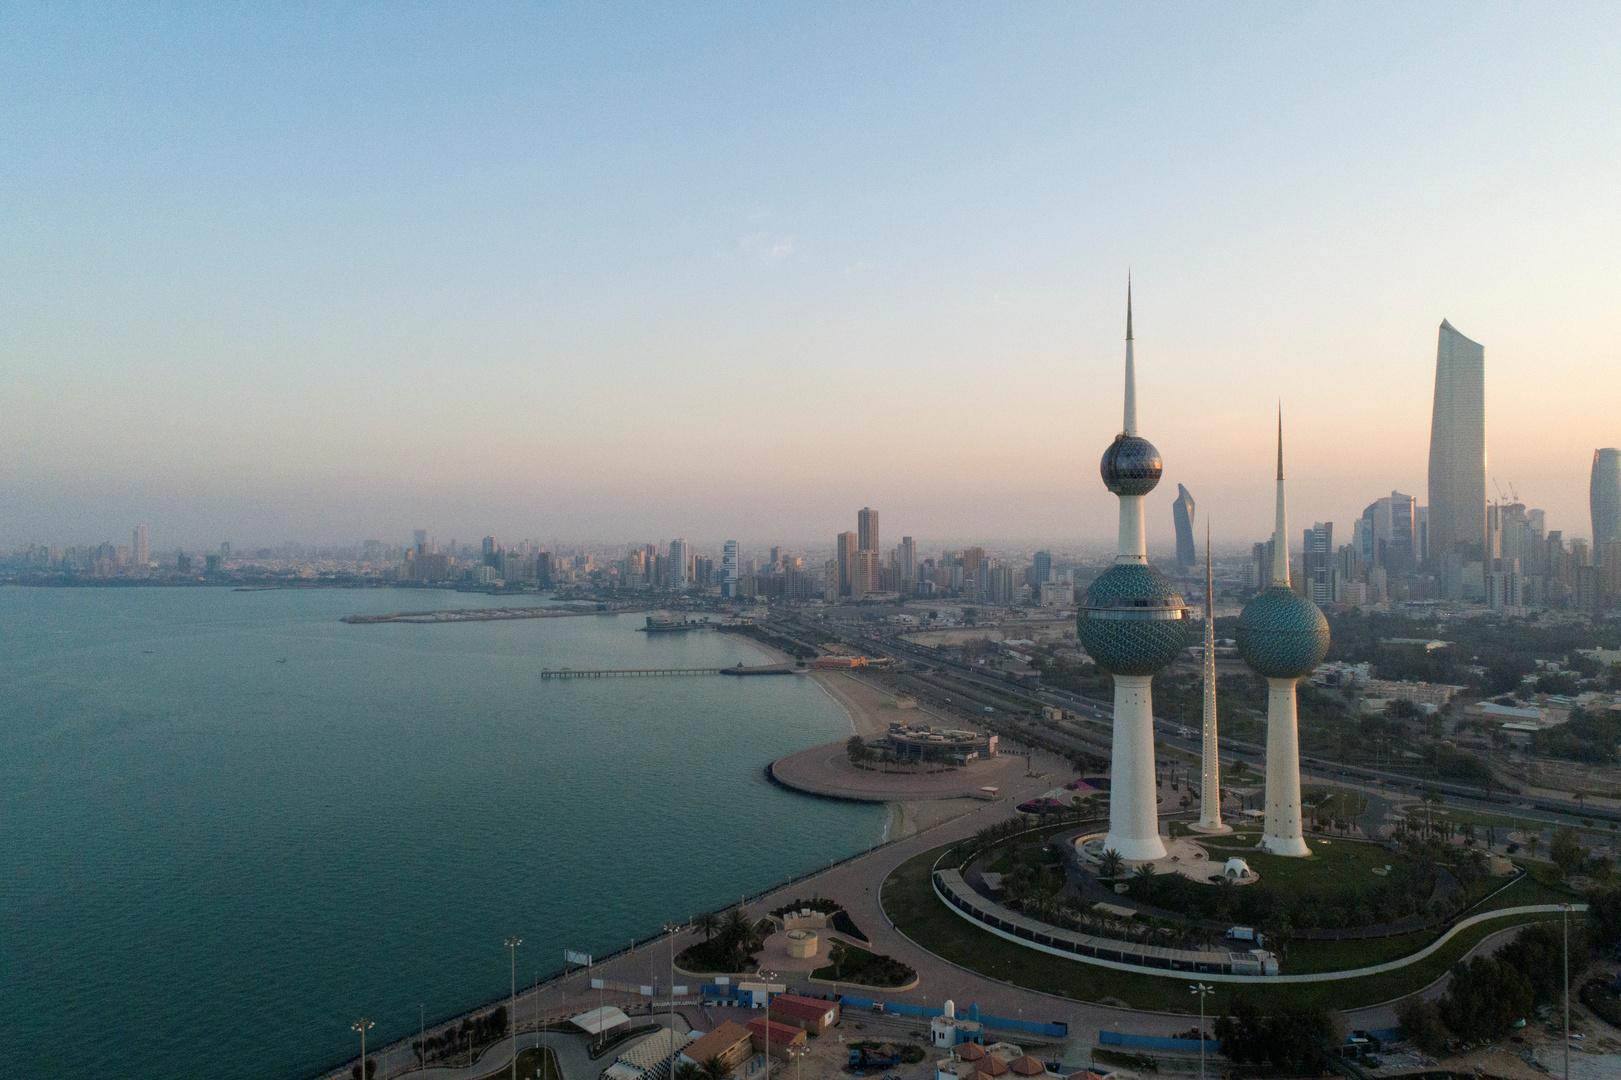 الكويت.. محكمة التمييز تحدد جلسة للحكم النهائي بقضية